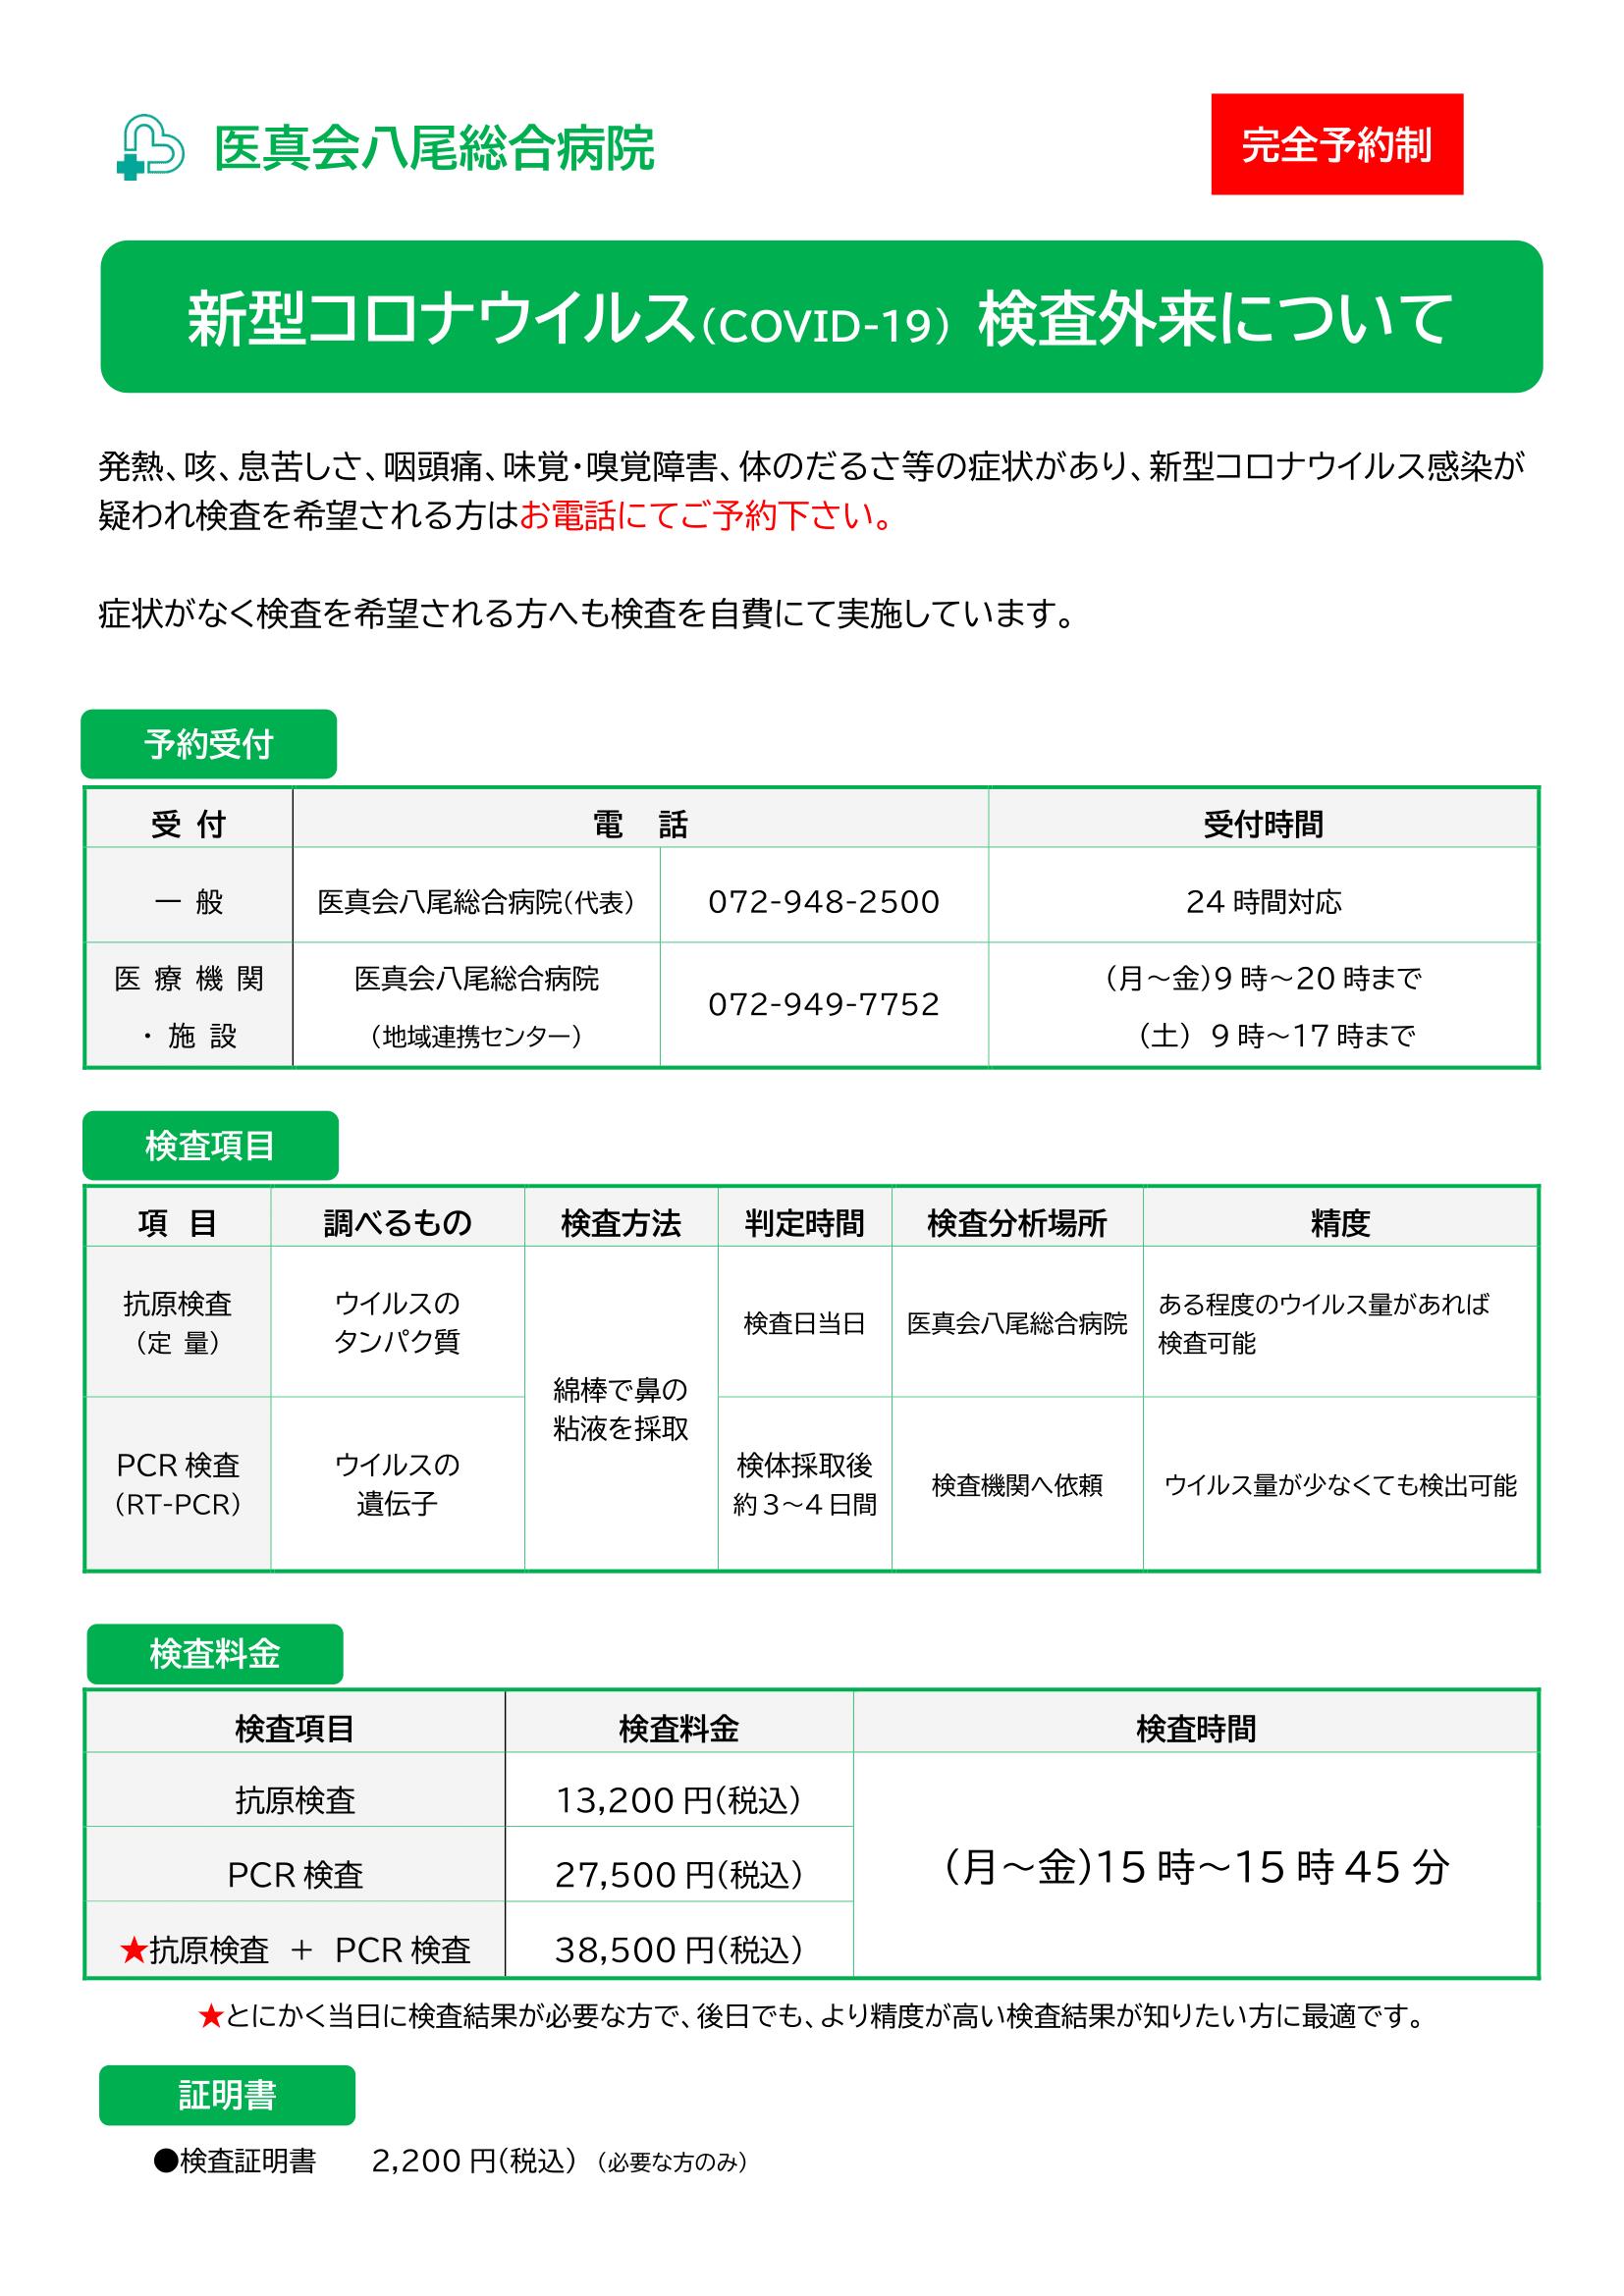 泉尾 コロナ 済生会 病院